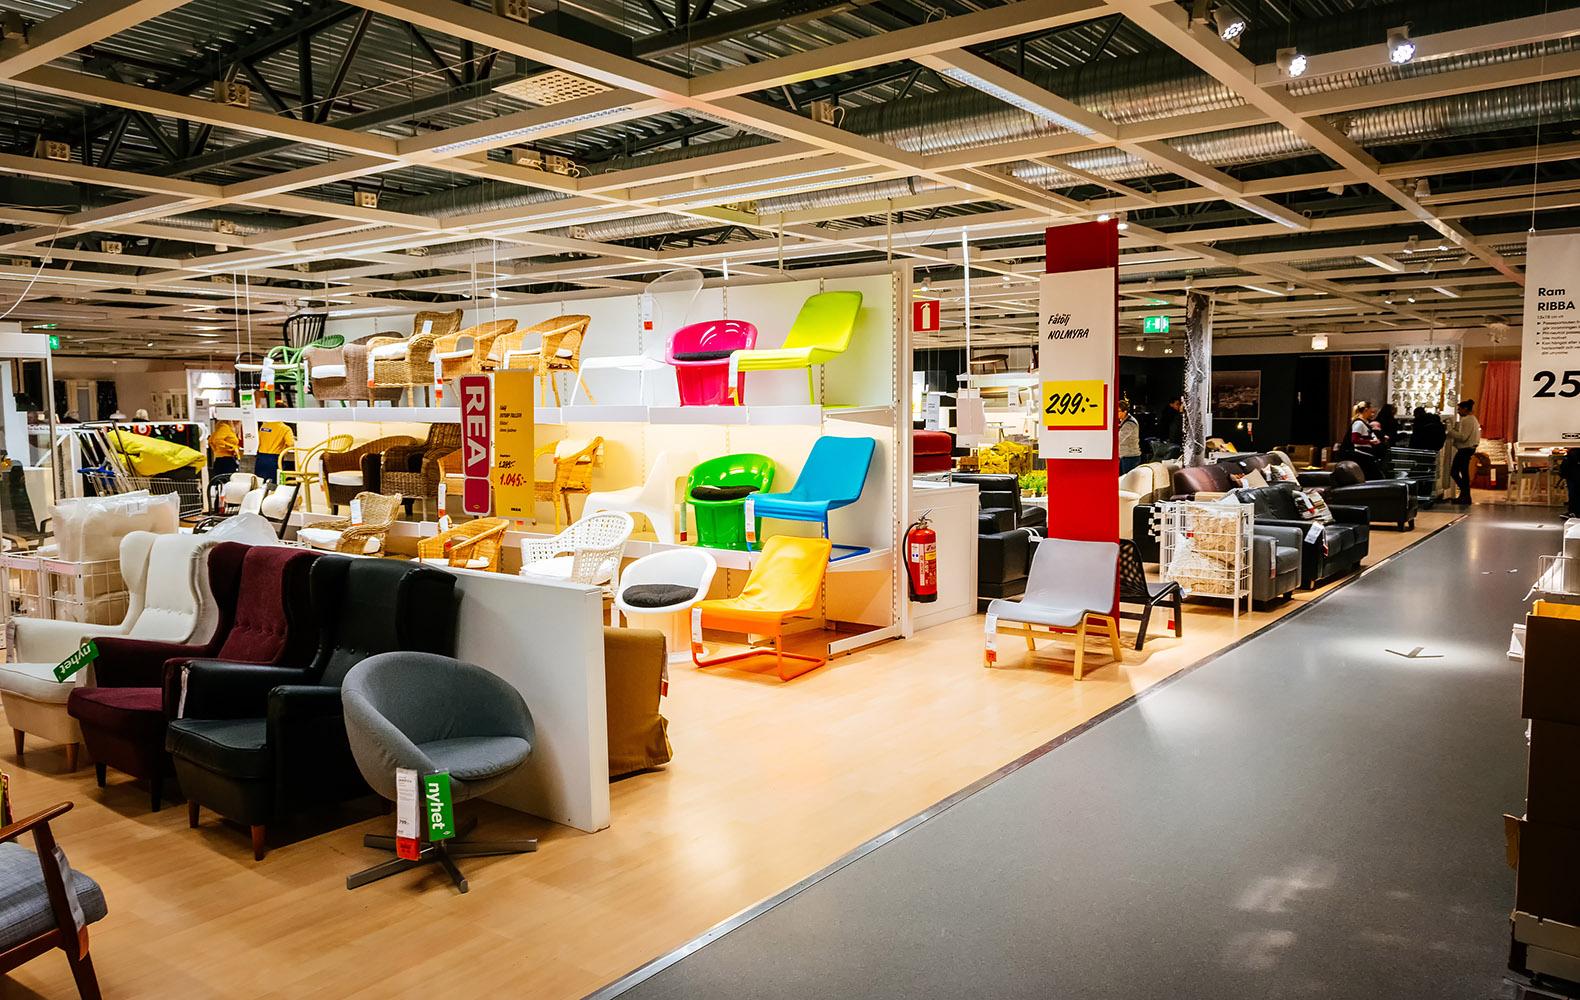 La gigante IKEA es tan exitosa ¡que hasta abre su propio ...